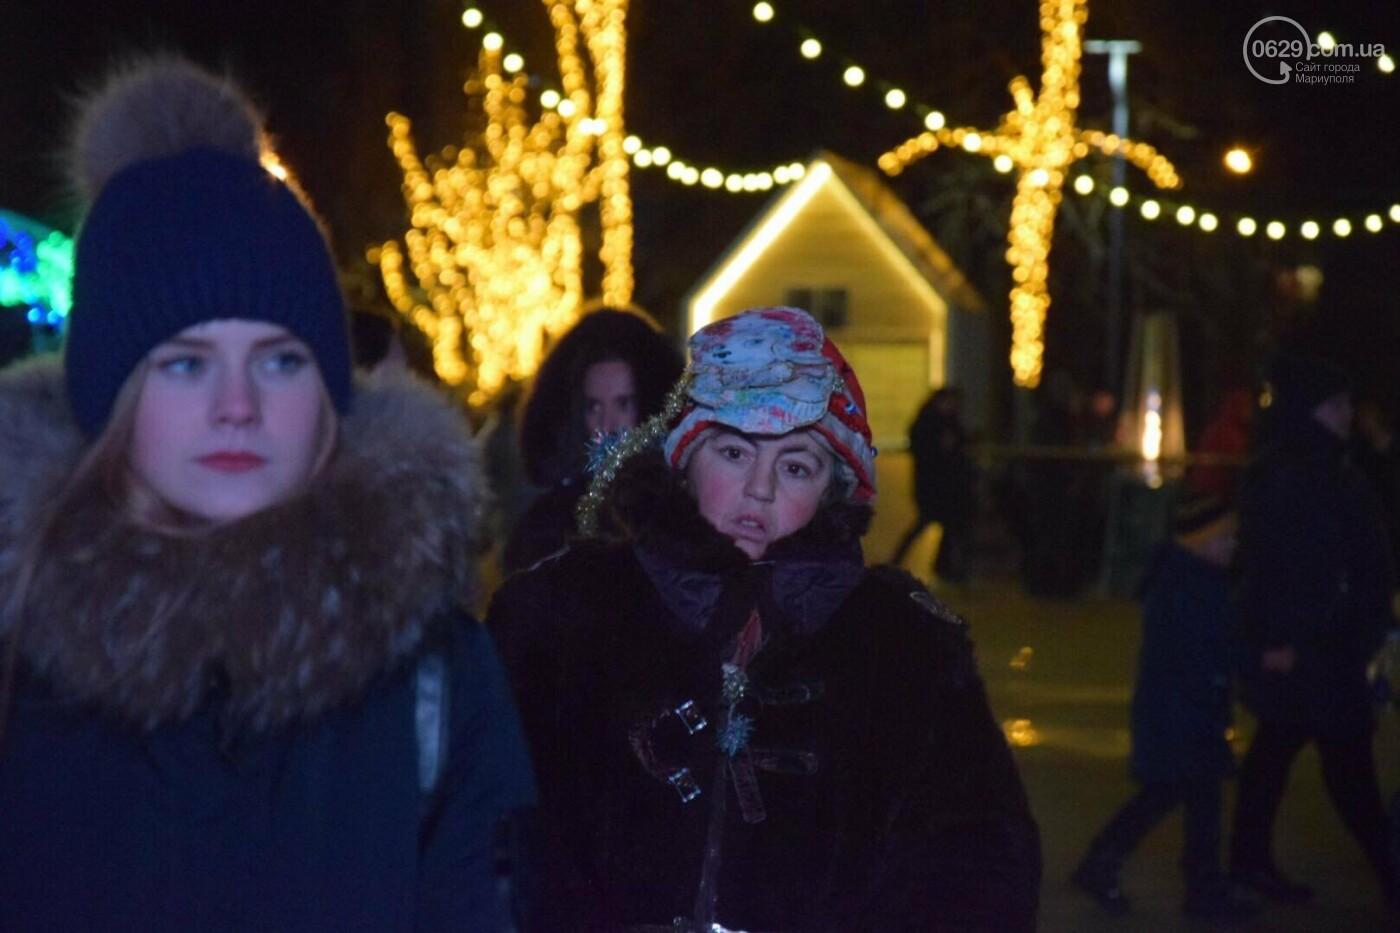 Мариупольцы отметили католическое Рождество, - ФОТО, ВИДЕО, фото-15